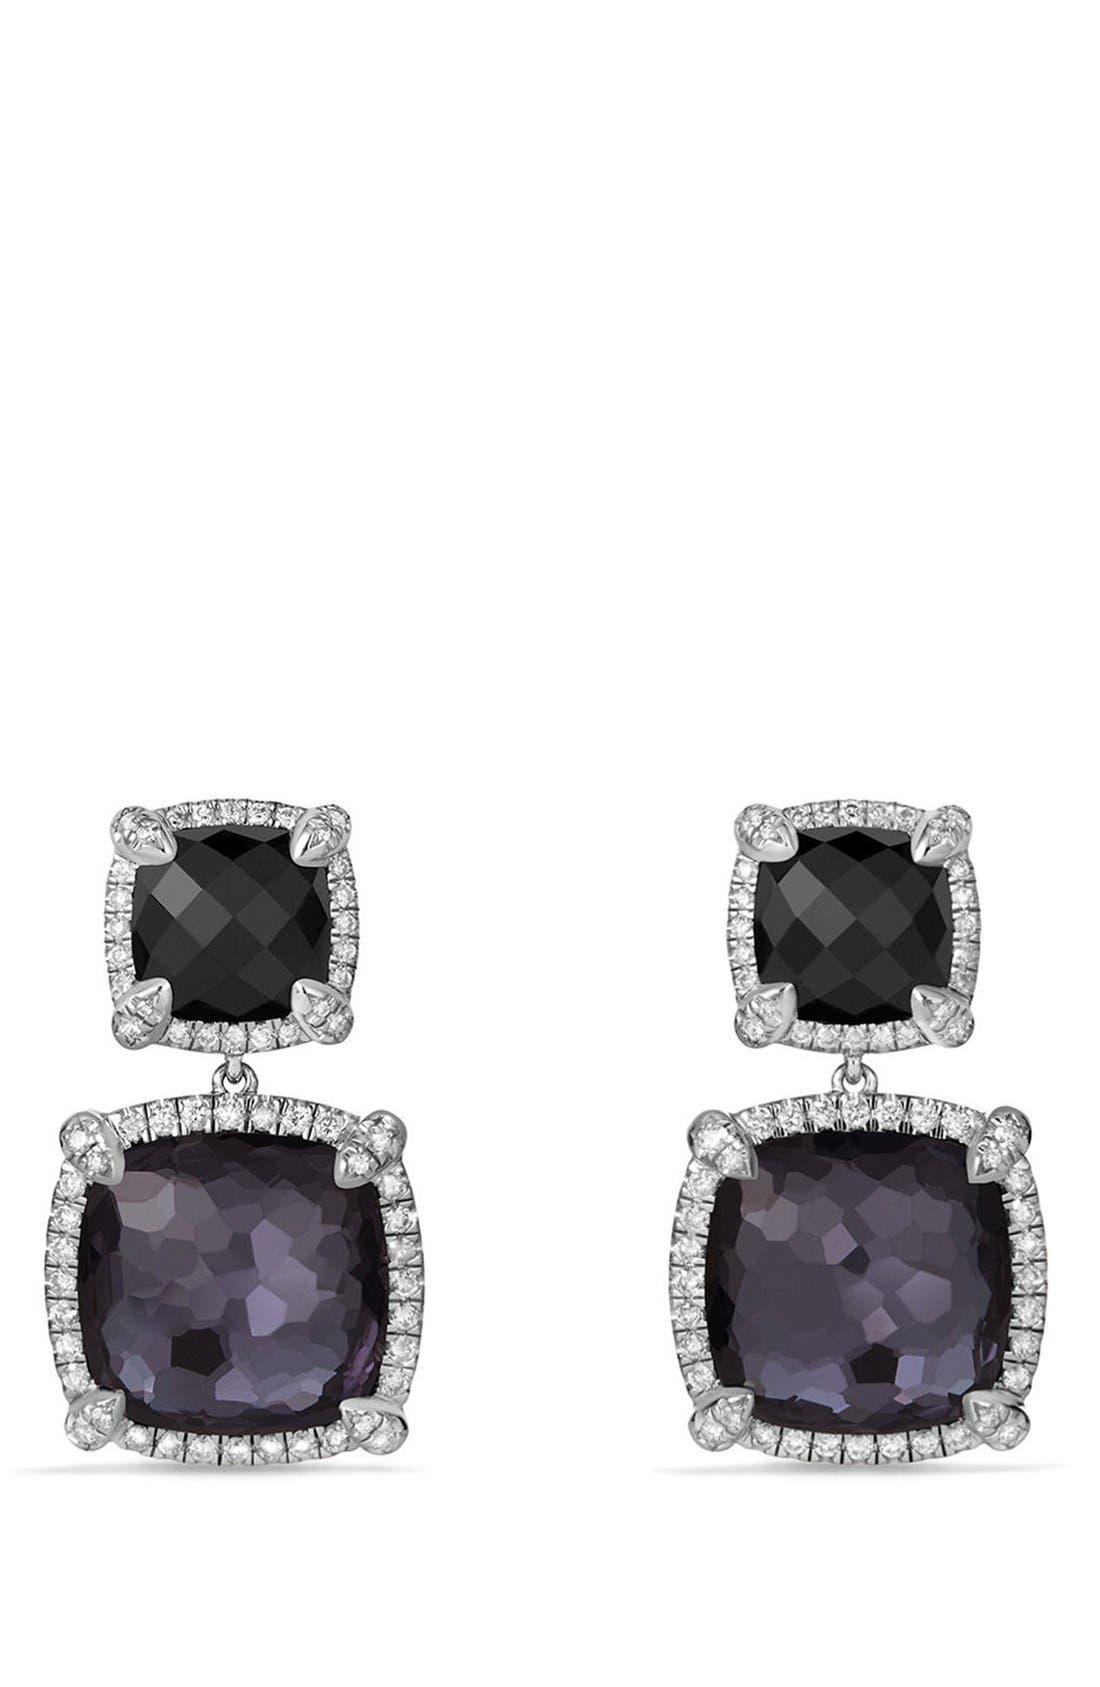 'Châtelaine' Pavé Bezel Double Drop Earrings with Diamonds,                             Main thumbnail 1, color,                             BLACK ONYX